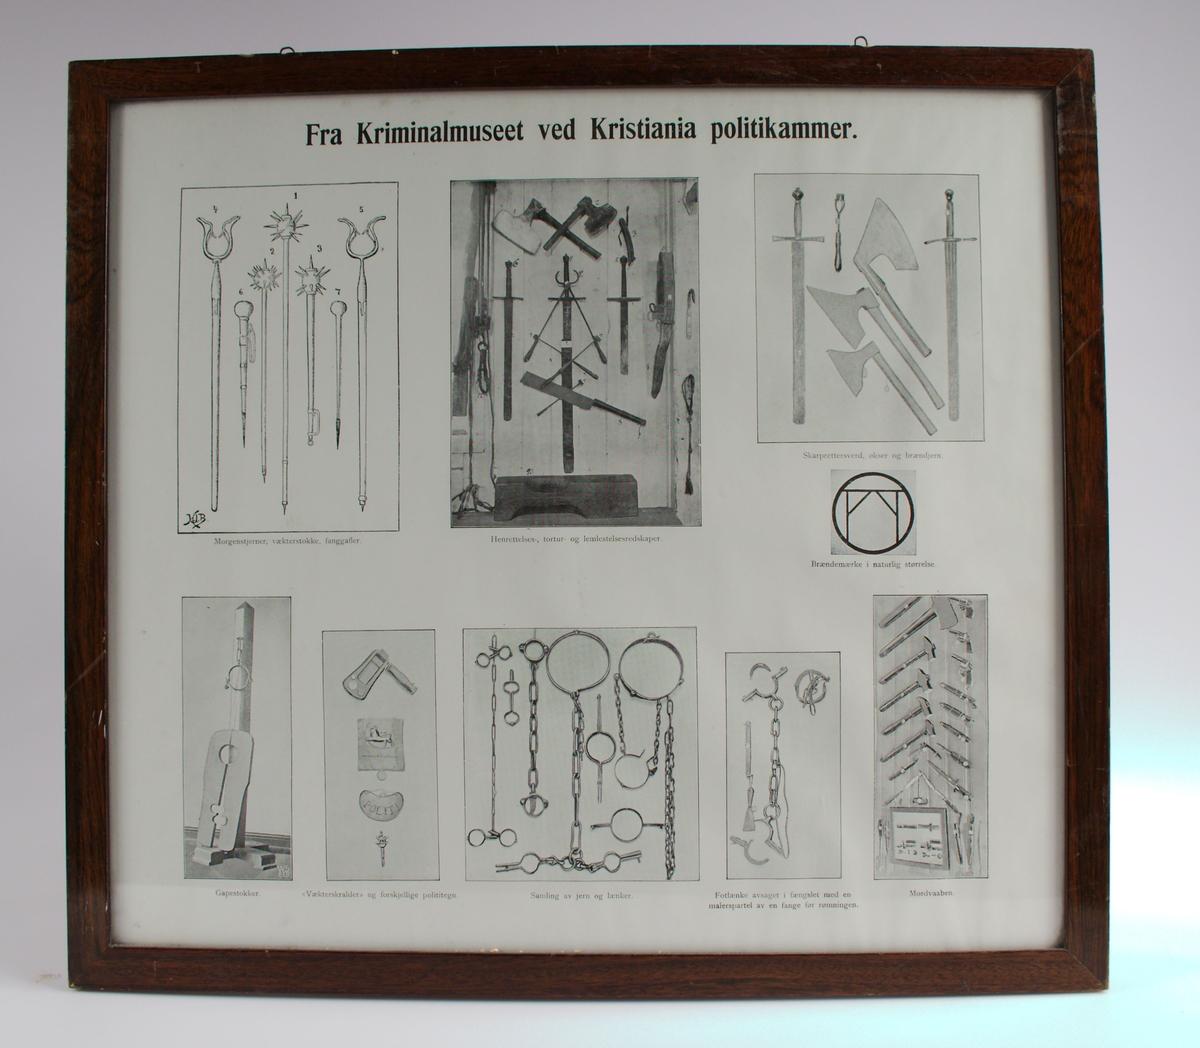 """Det ligger et likt bilde i Steinberget, NRM.00772  Fra Kriminalmuseet ved Kristiania politikammer. Fotomontasje med  9 forskjellige  bilder. 1. Morgenstjerner, vækterstokk, fangegafler. 2. henrettelse, tortur- og lemlestelsesredskaper. 3. Skarprettersverd, økser og brændejern. 4. Brendemerke i naturlig størrelse. 5. Gapestokker. 6. """"Vækterskraller"""" og forskjellige polititegn. 7. Samling av jern og lenker. 8. Fotlenke avsaget i fengslet med en malerspartel av en fange før rømningen. 9. Mordvåpen."""